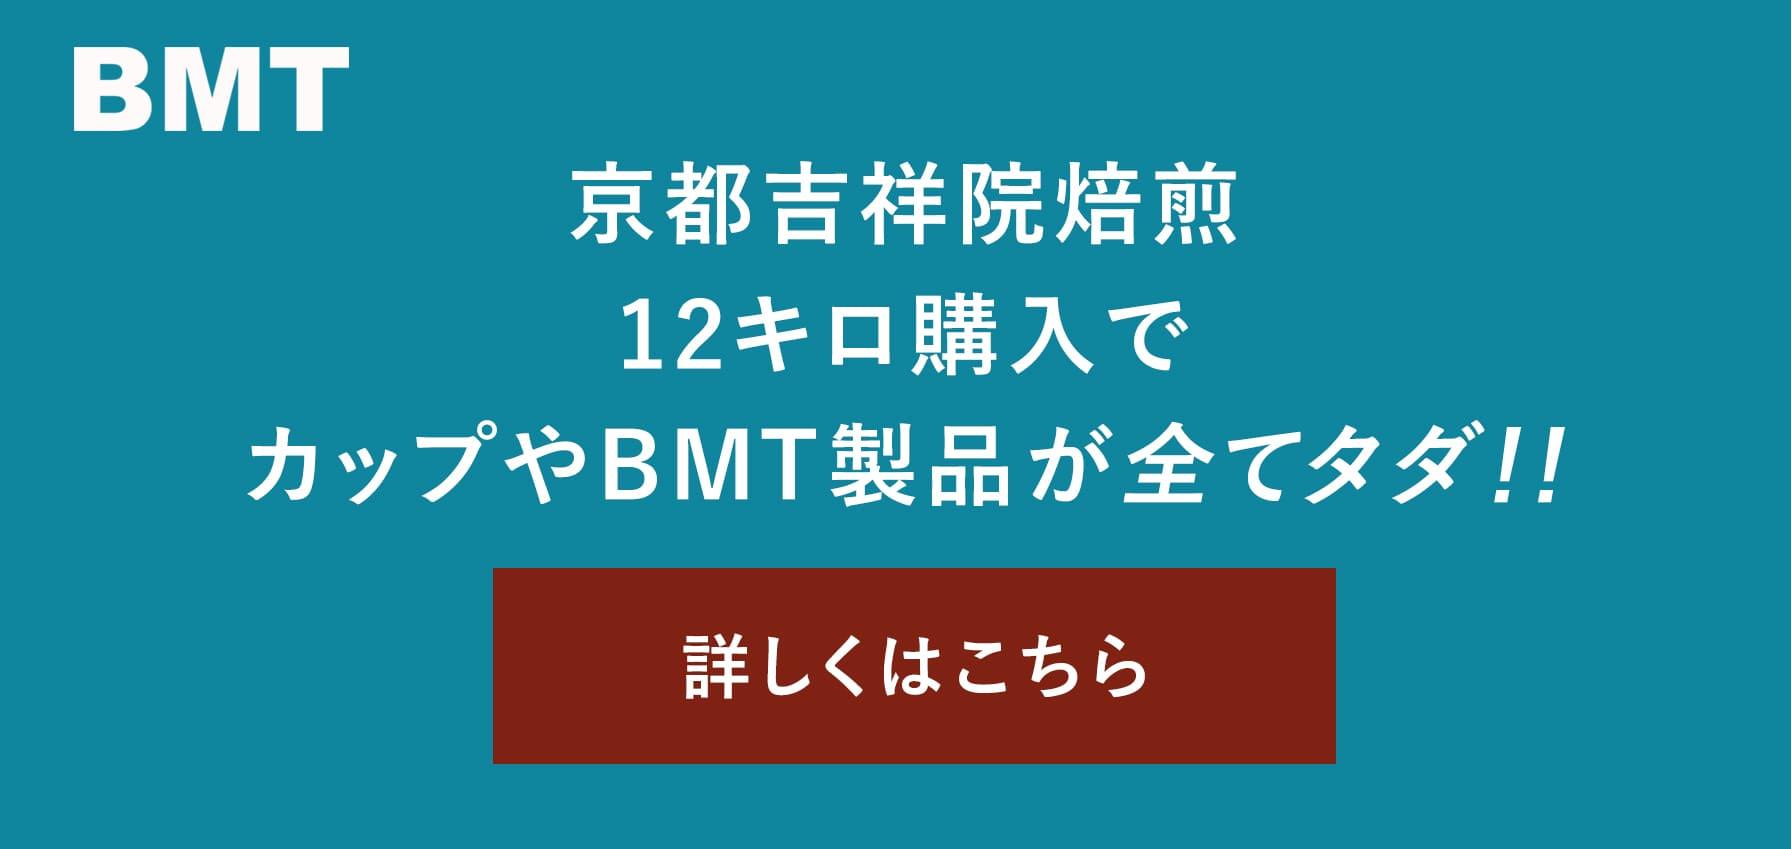 京都吉祥院焙煎12キロ購入でカップやBMT製品全てタダ!